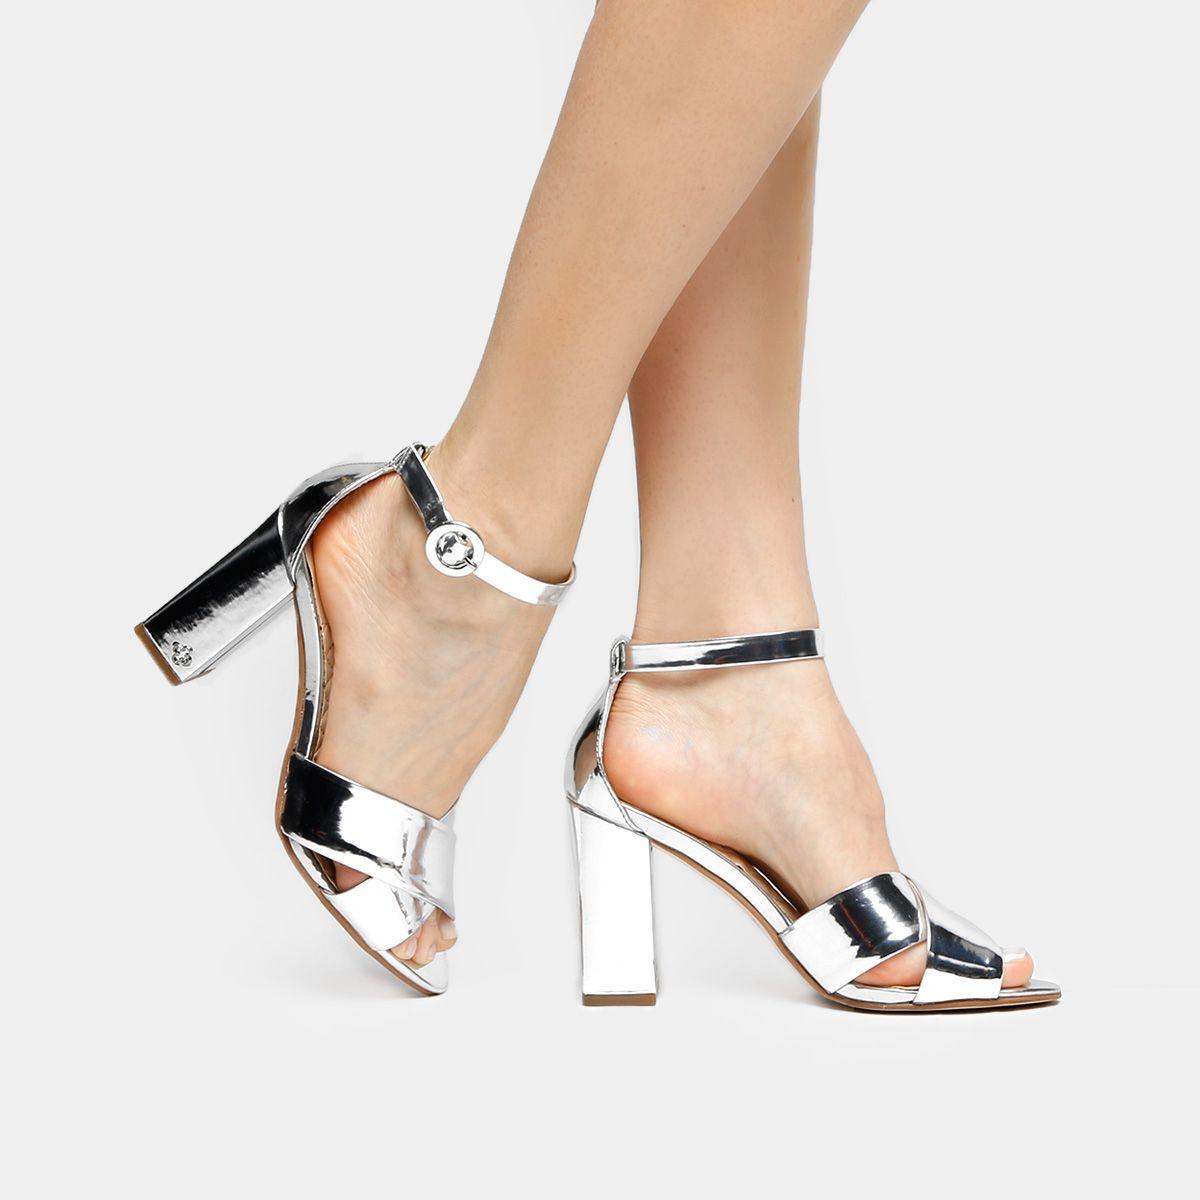 e5d06d17e ... Grosso Tiras Cruzadas Caramelo na Zattini a nova loja de moda online da  Netshoes. Encontre Sapatos, Sandálias, Bolsas e Acessórios. Clique e  Confira!